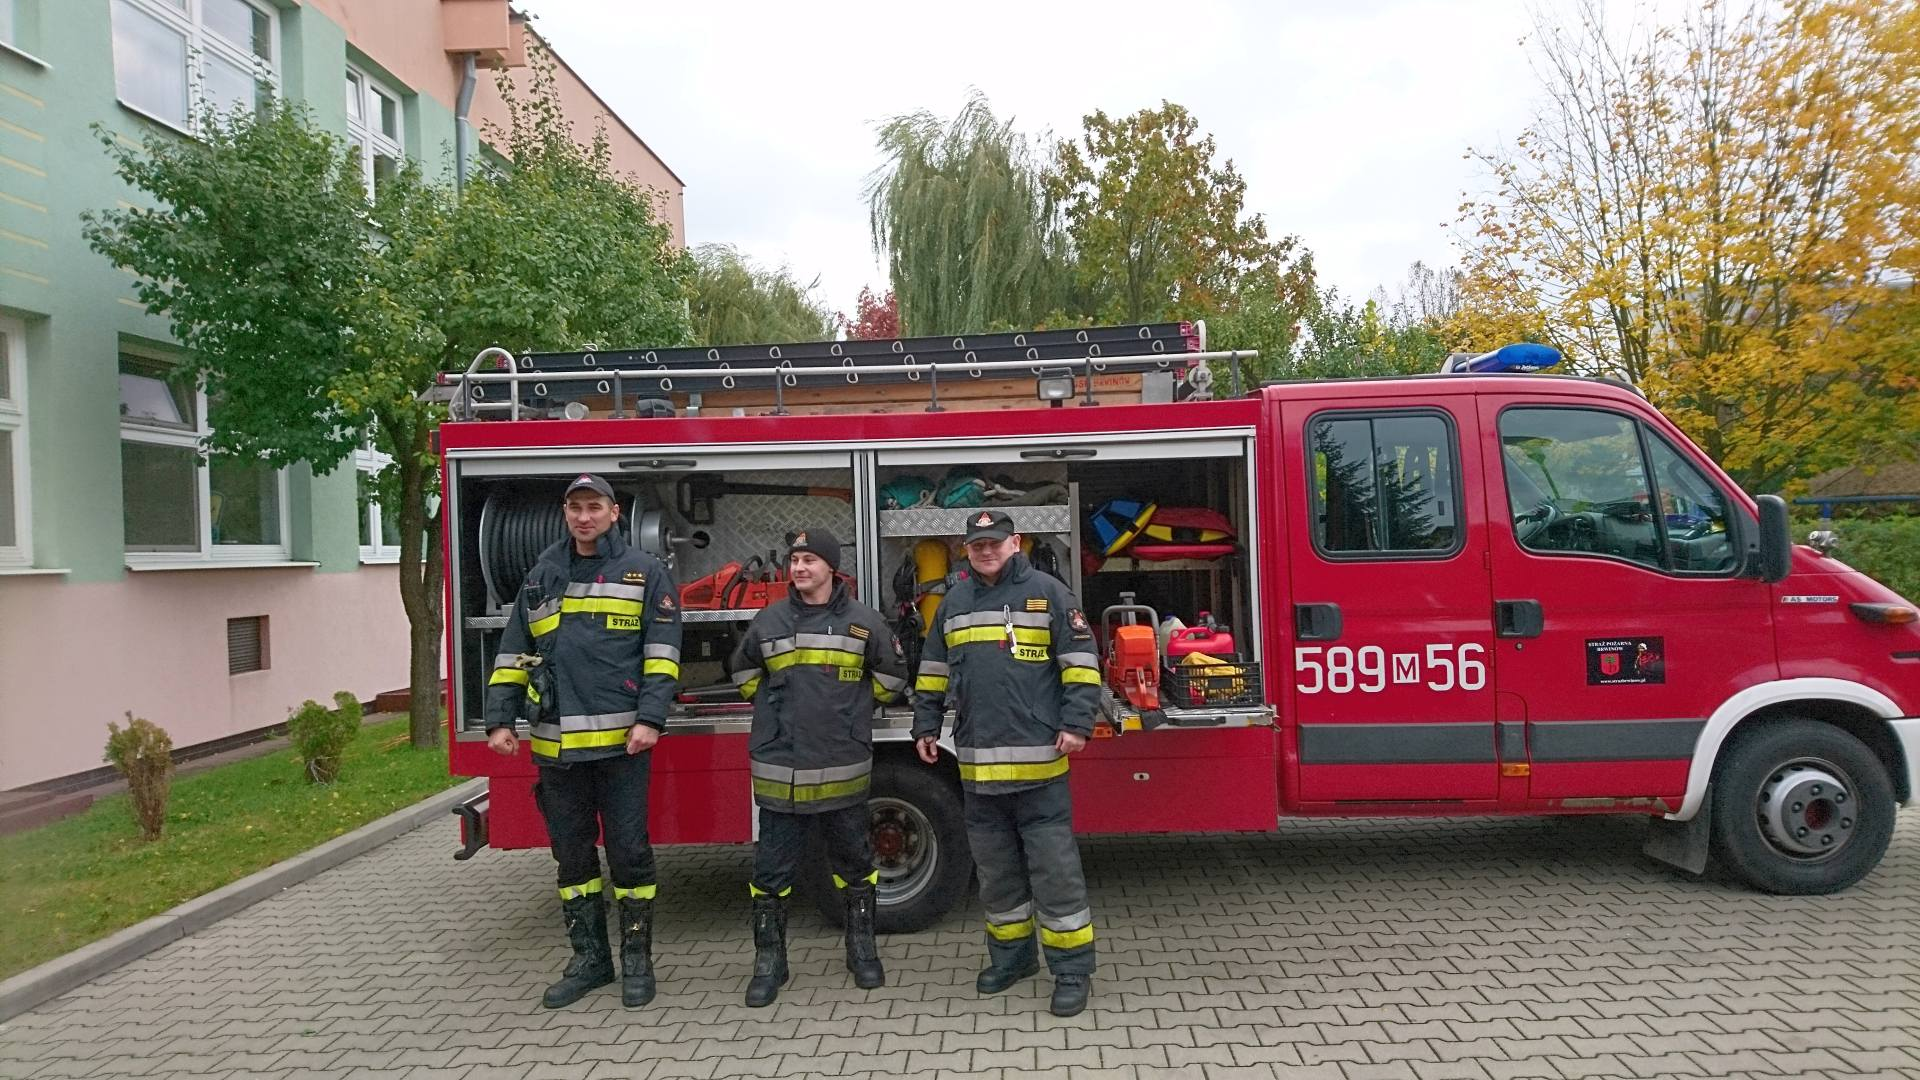 Wizyta strażaków w naszym przedszkolu (7)